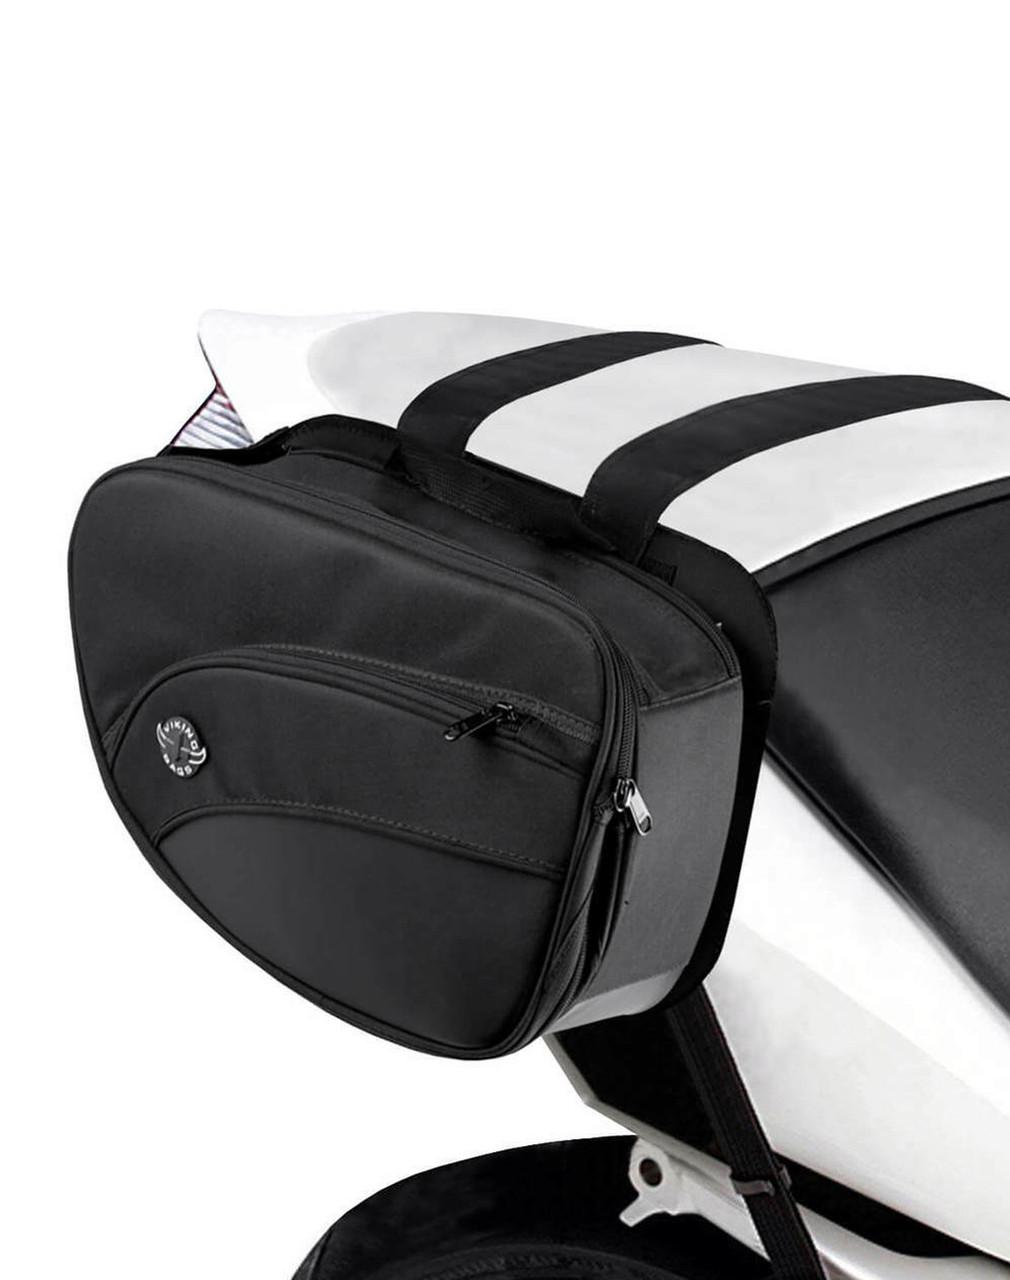 Viking Mini Expandable Black Street/Sportbike Saddlebags Bag on Bike Side View